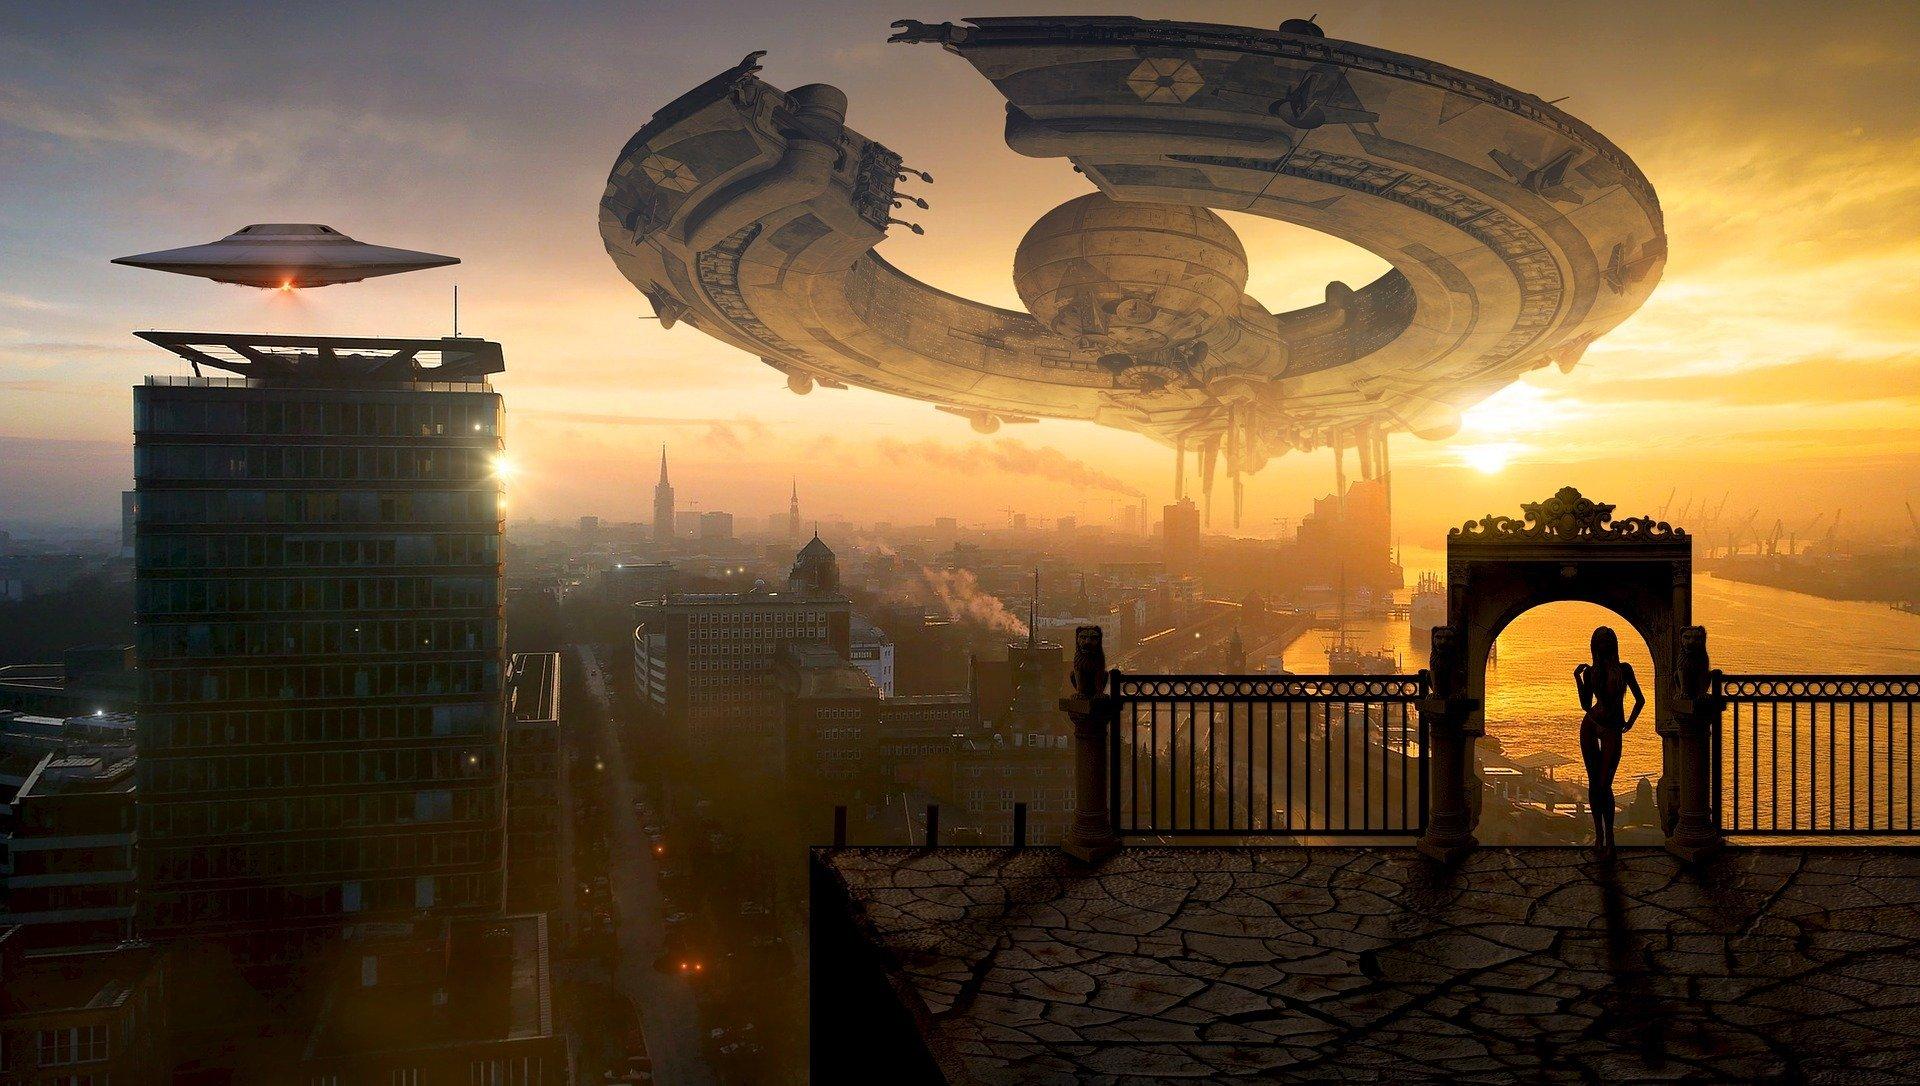 Les voyages interstellaires pourraient empêcher les humains de se parler